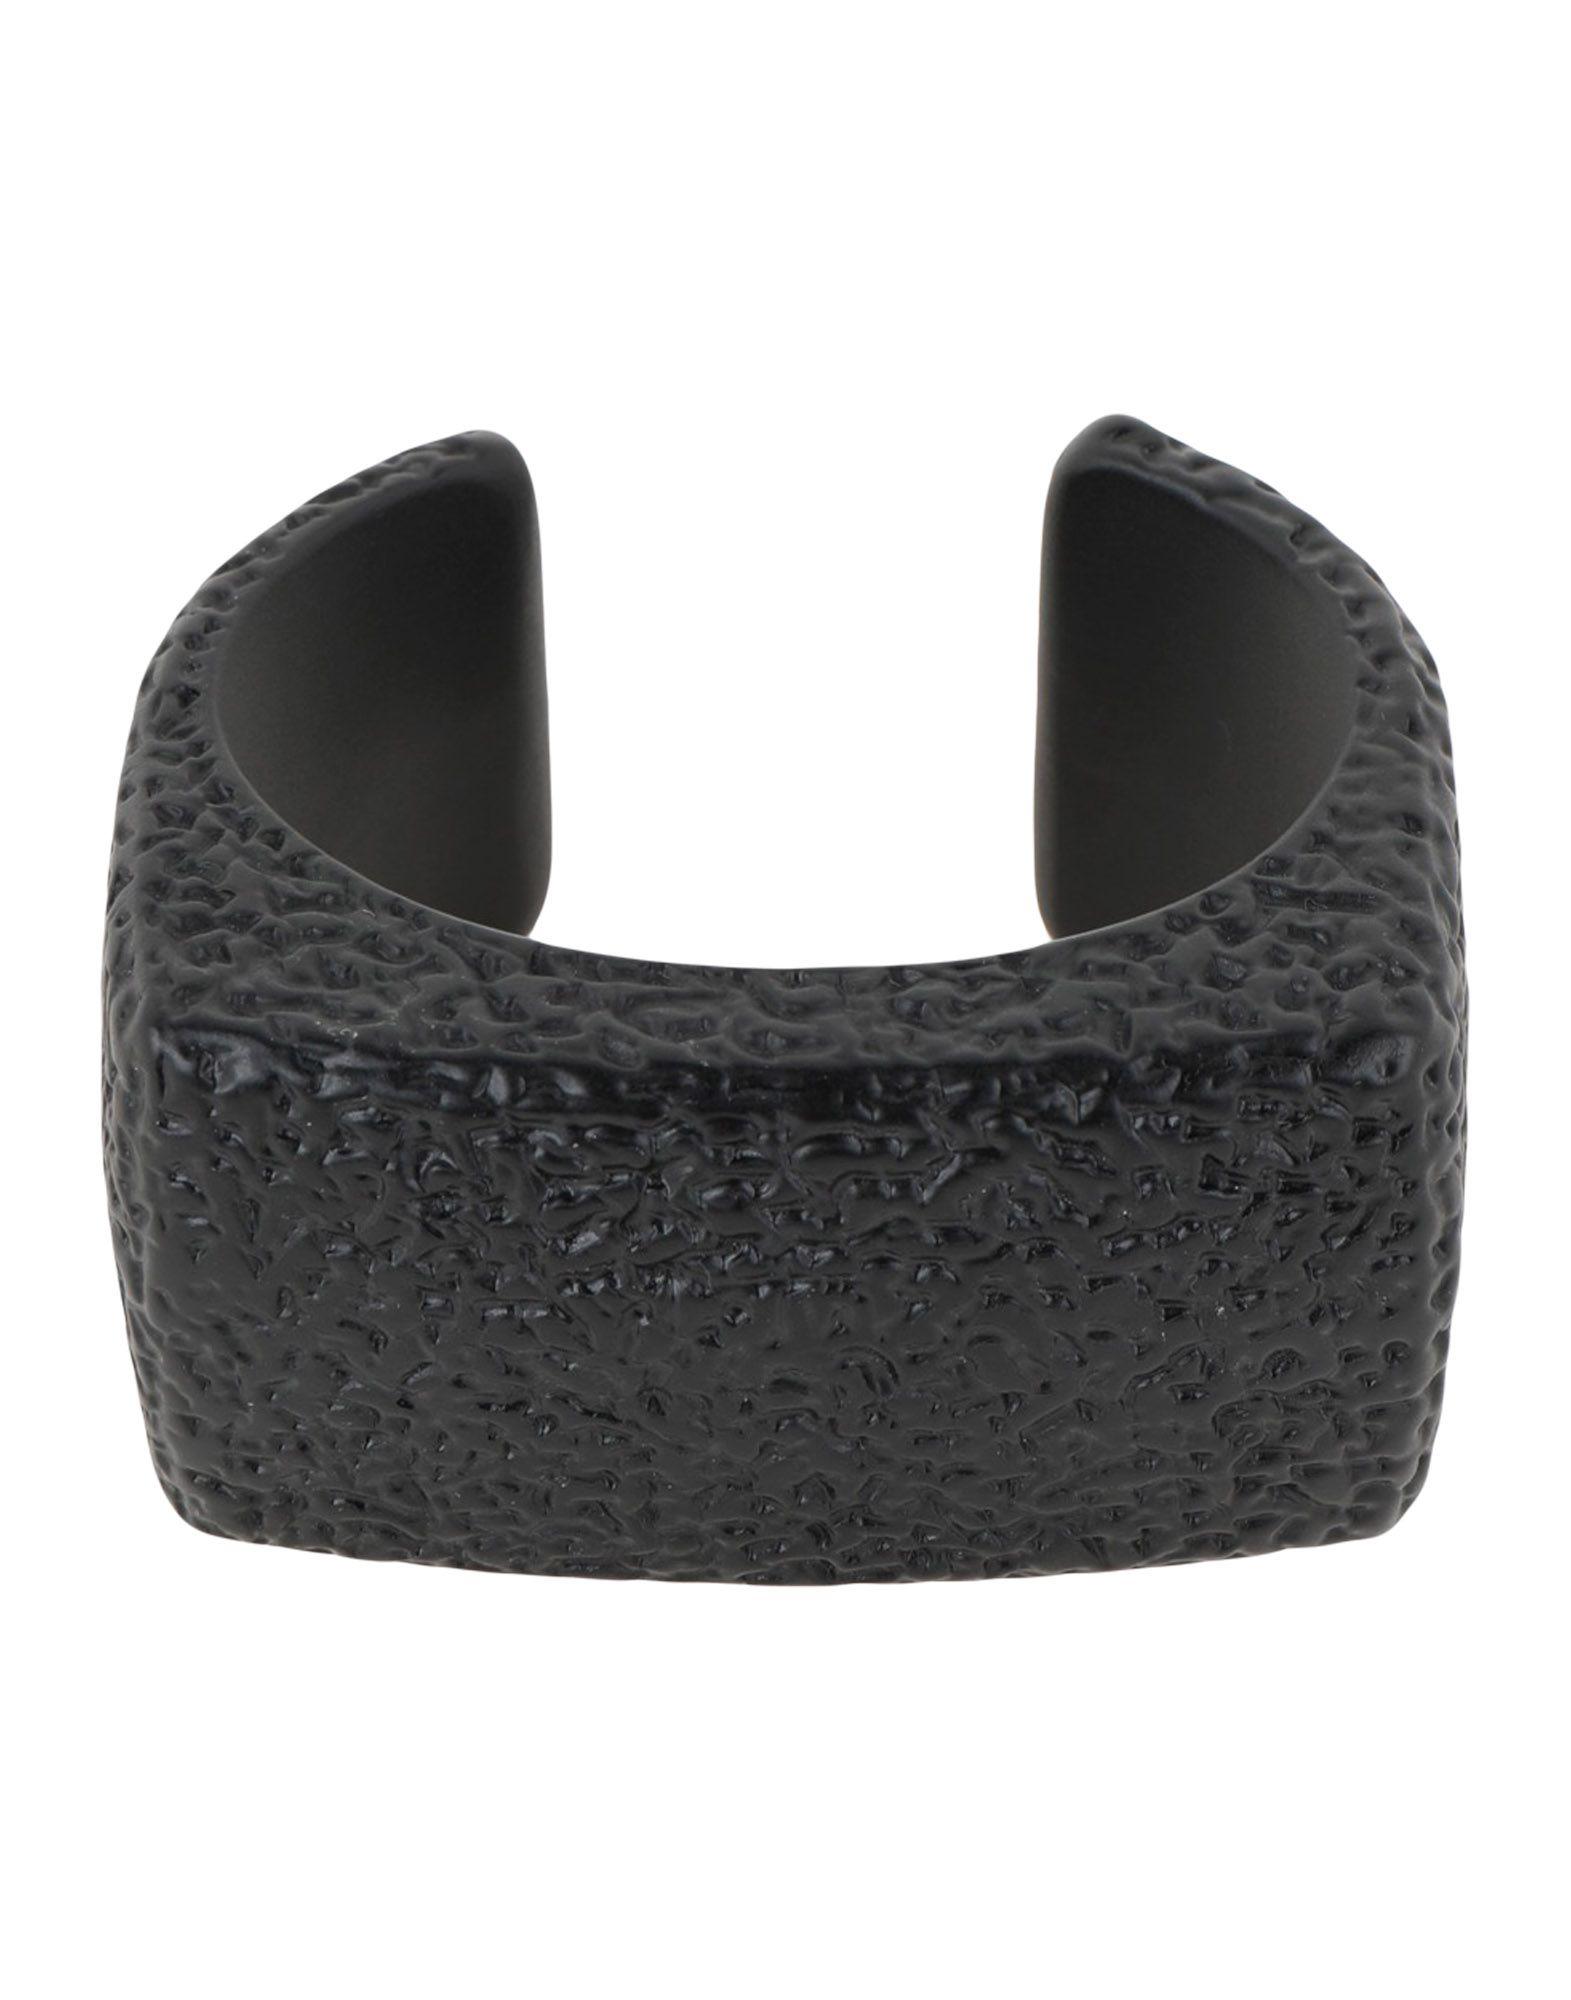 《送料無料》MM6 MAISON MARGIELA レディース ブレスレット ブラック プラスティック